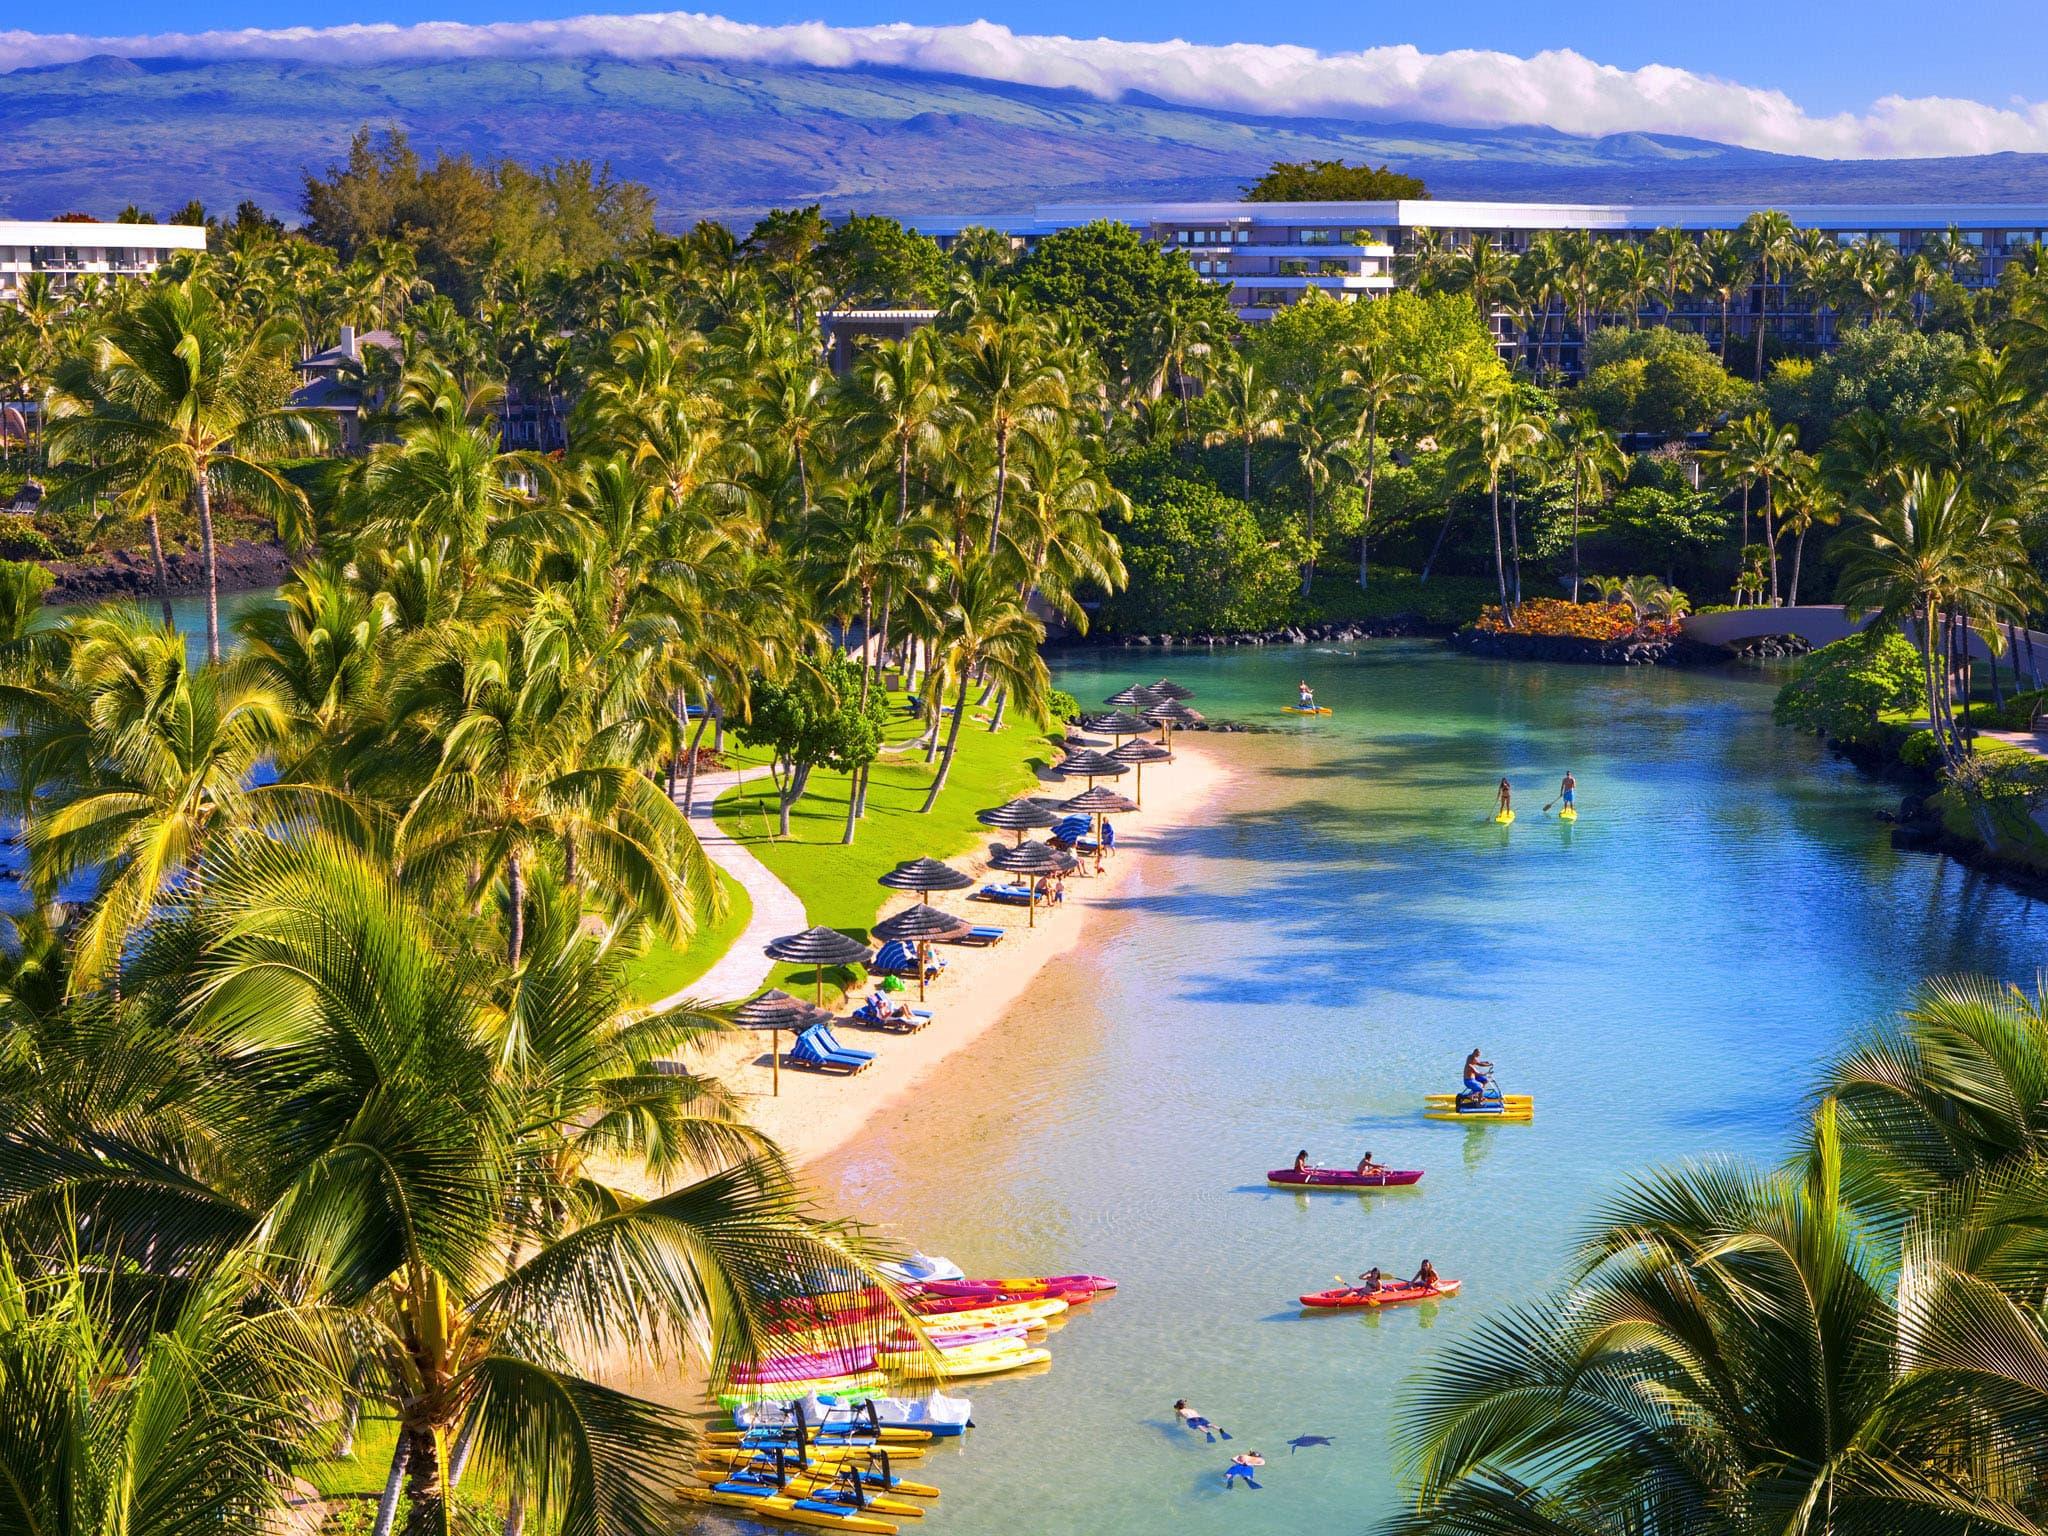 Hilton_Waikoloa_lagoon.jpg